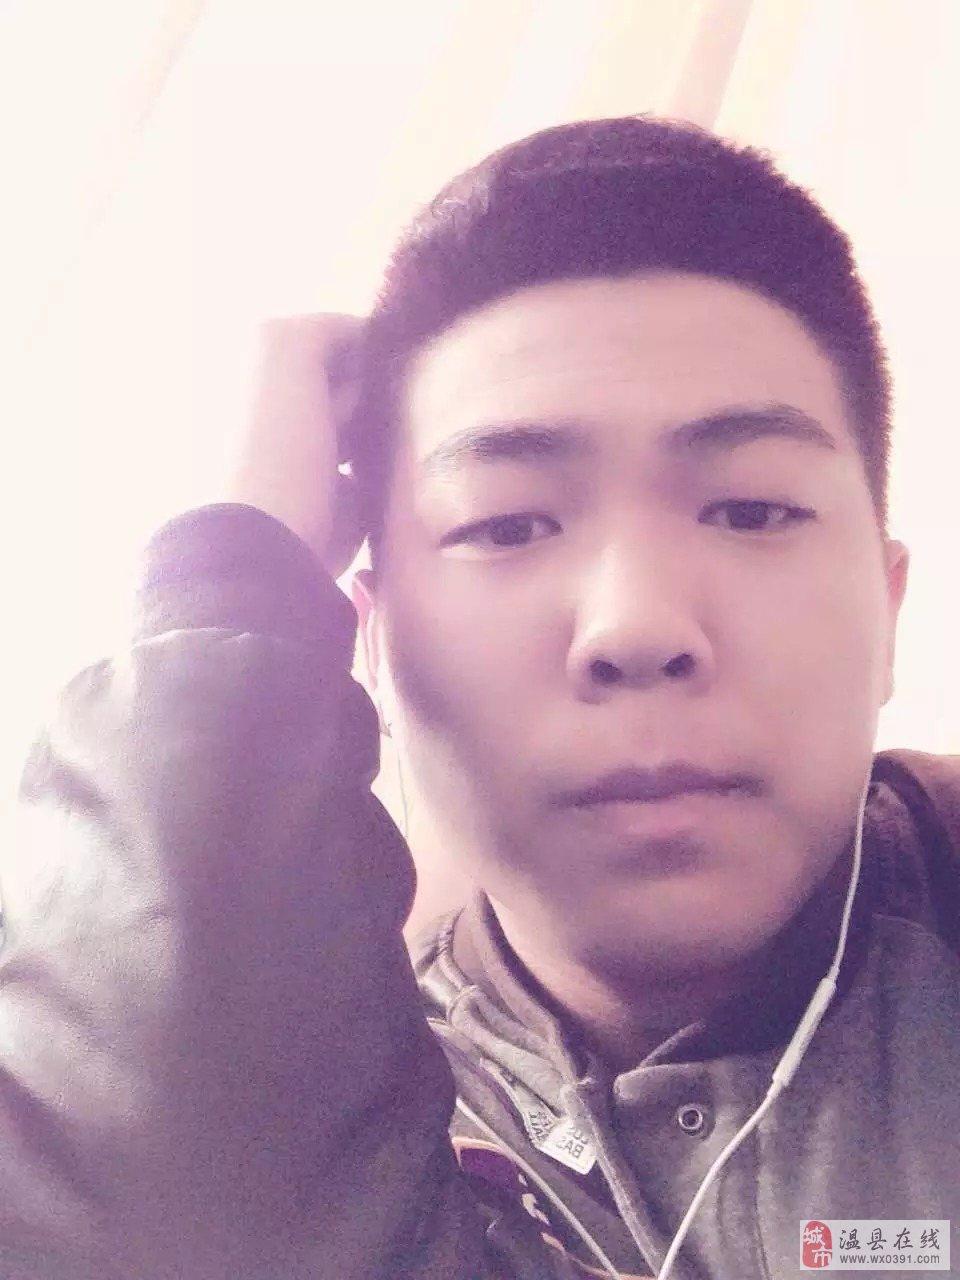 007007韩卫斌